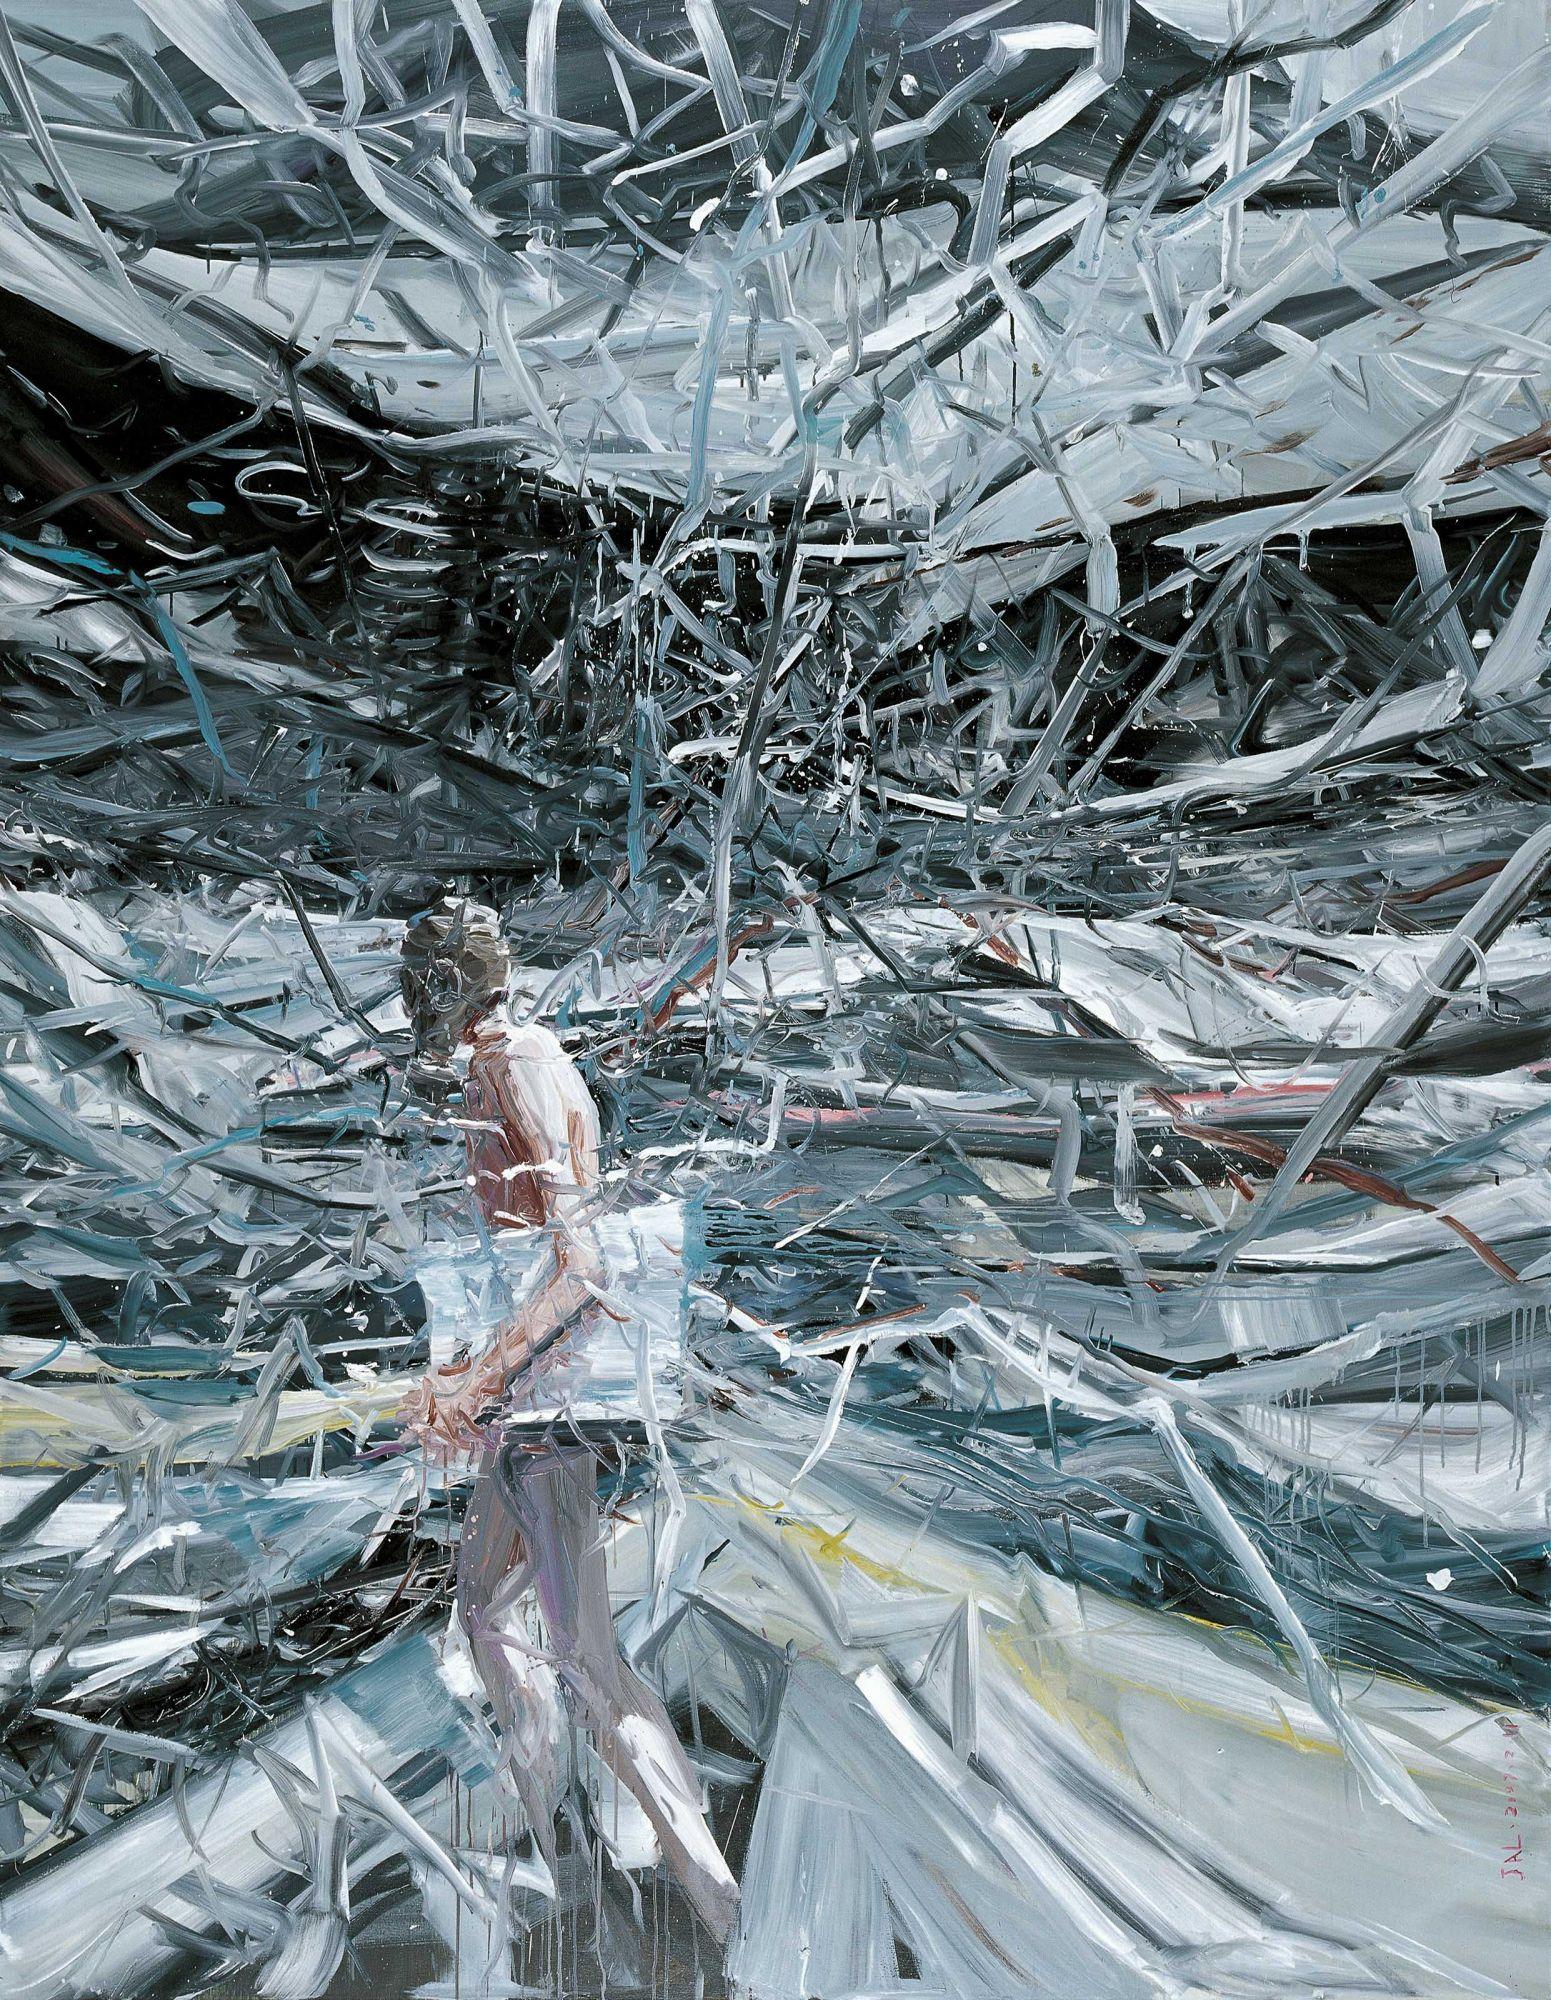 賈藹力(中國,1979 年生) 《瘋景》 油彩 畫布 267 x 200 公分(105 1/8 x 78 3/4 吋) 2007 年作